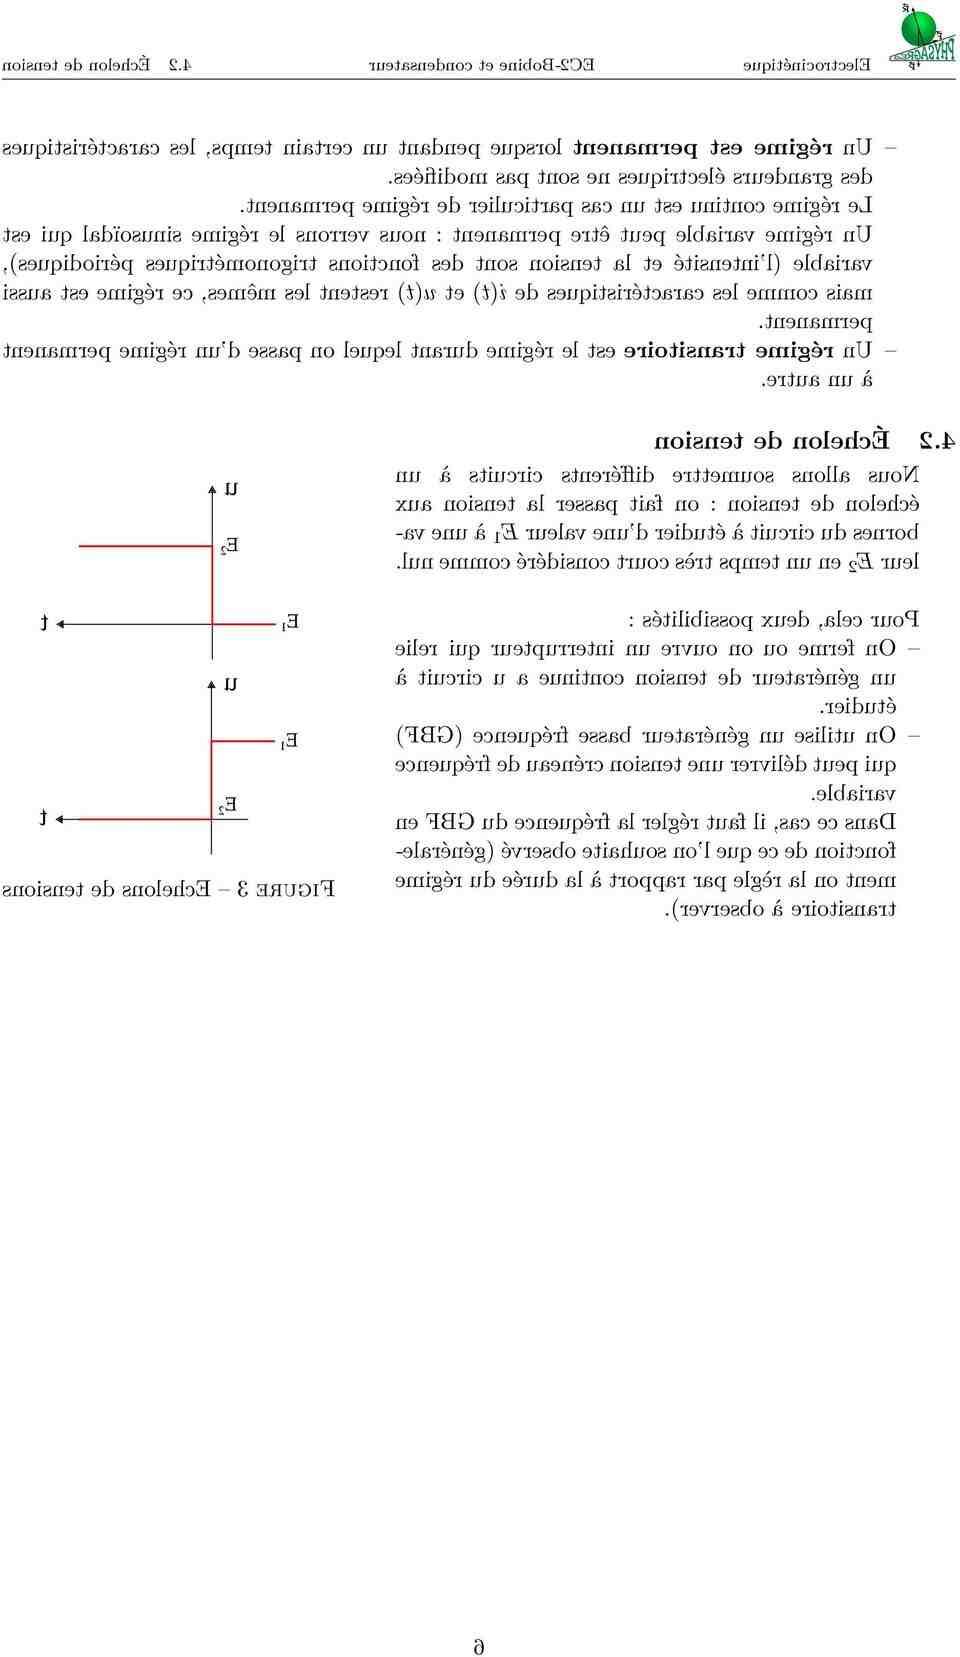 Comment se comporte la bobine en régime transitoire ?